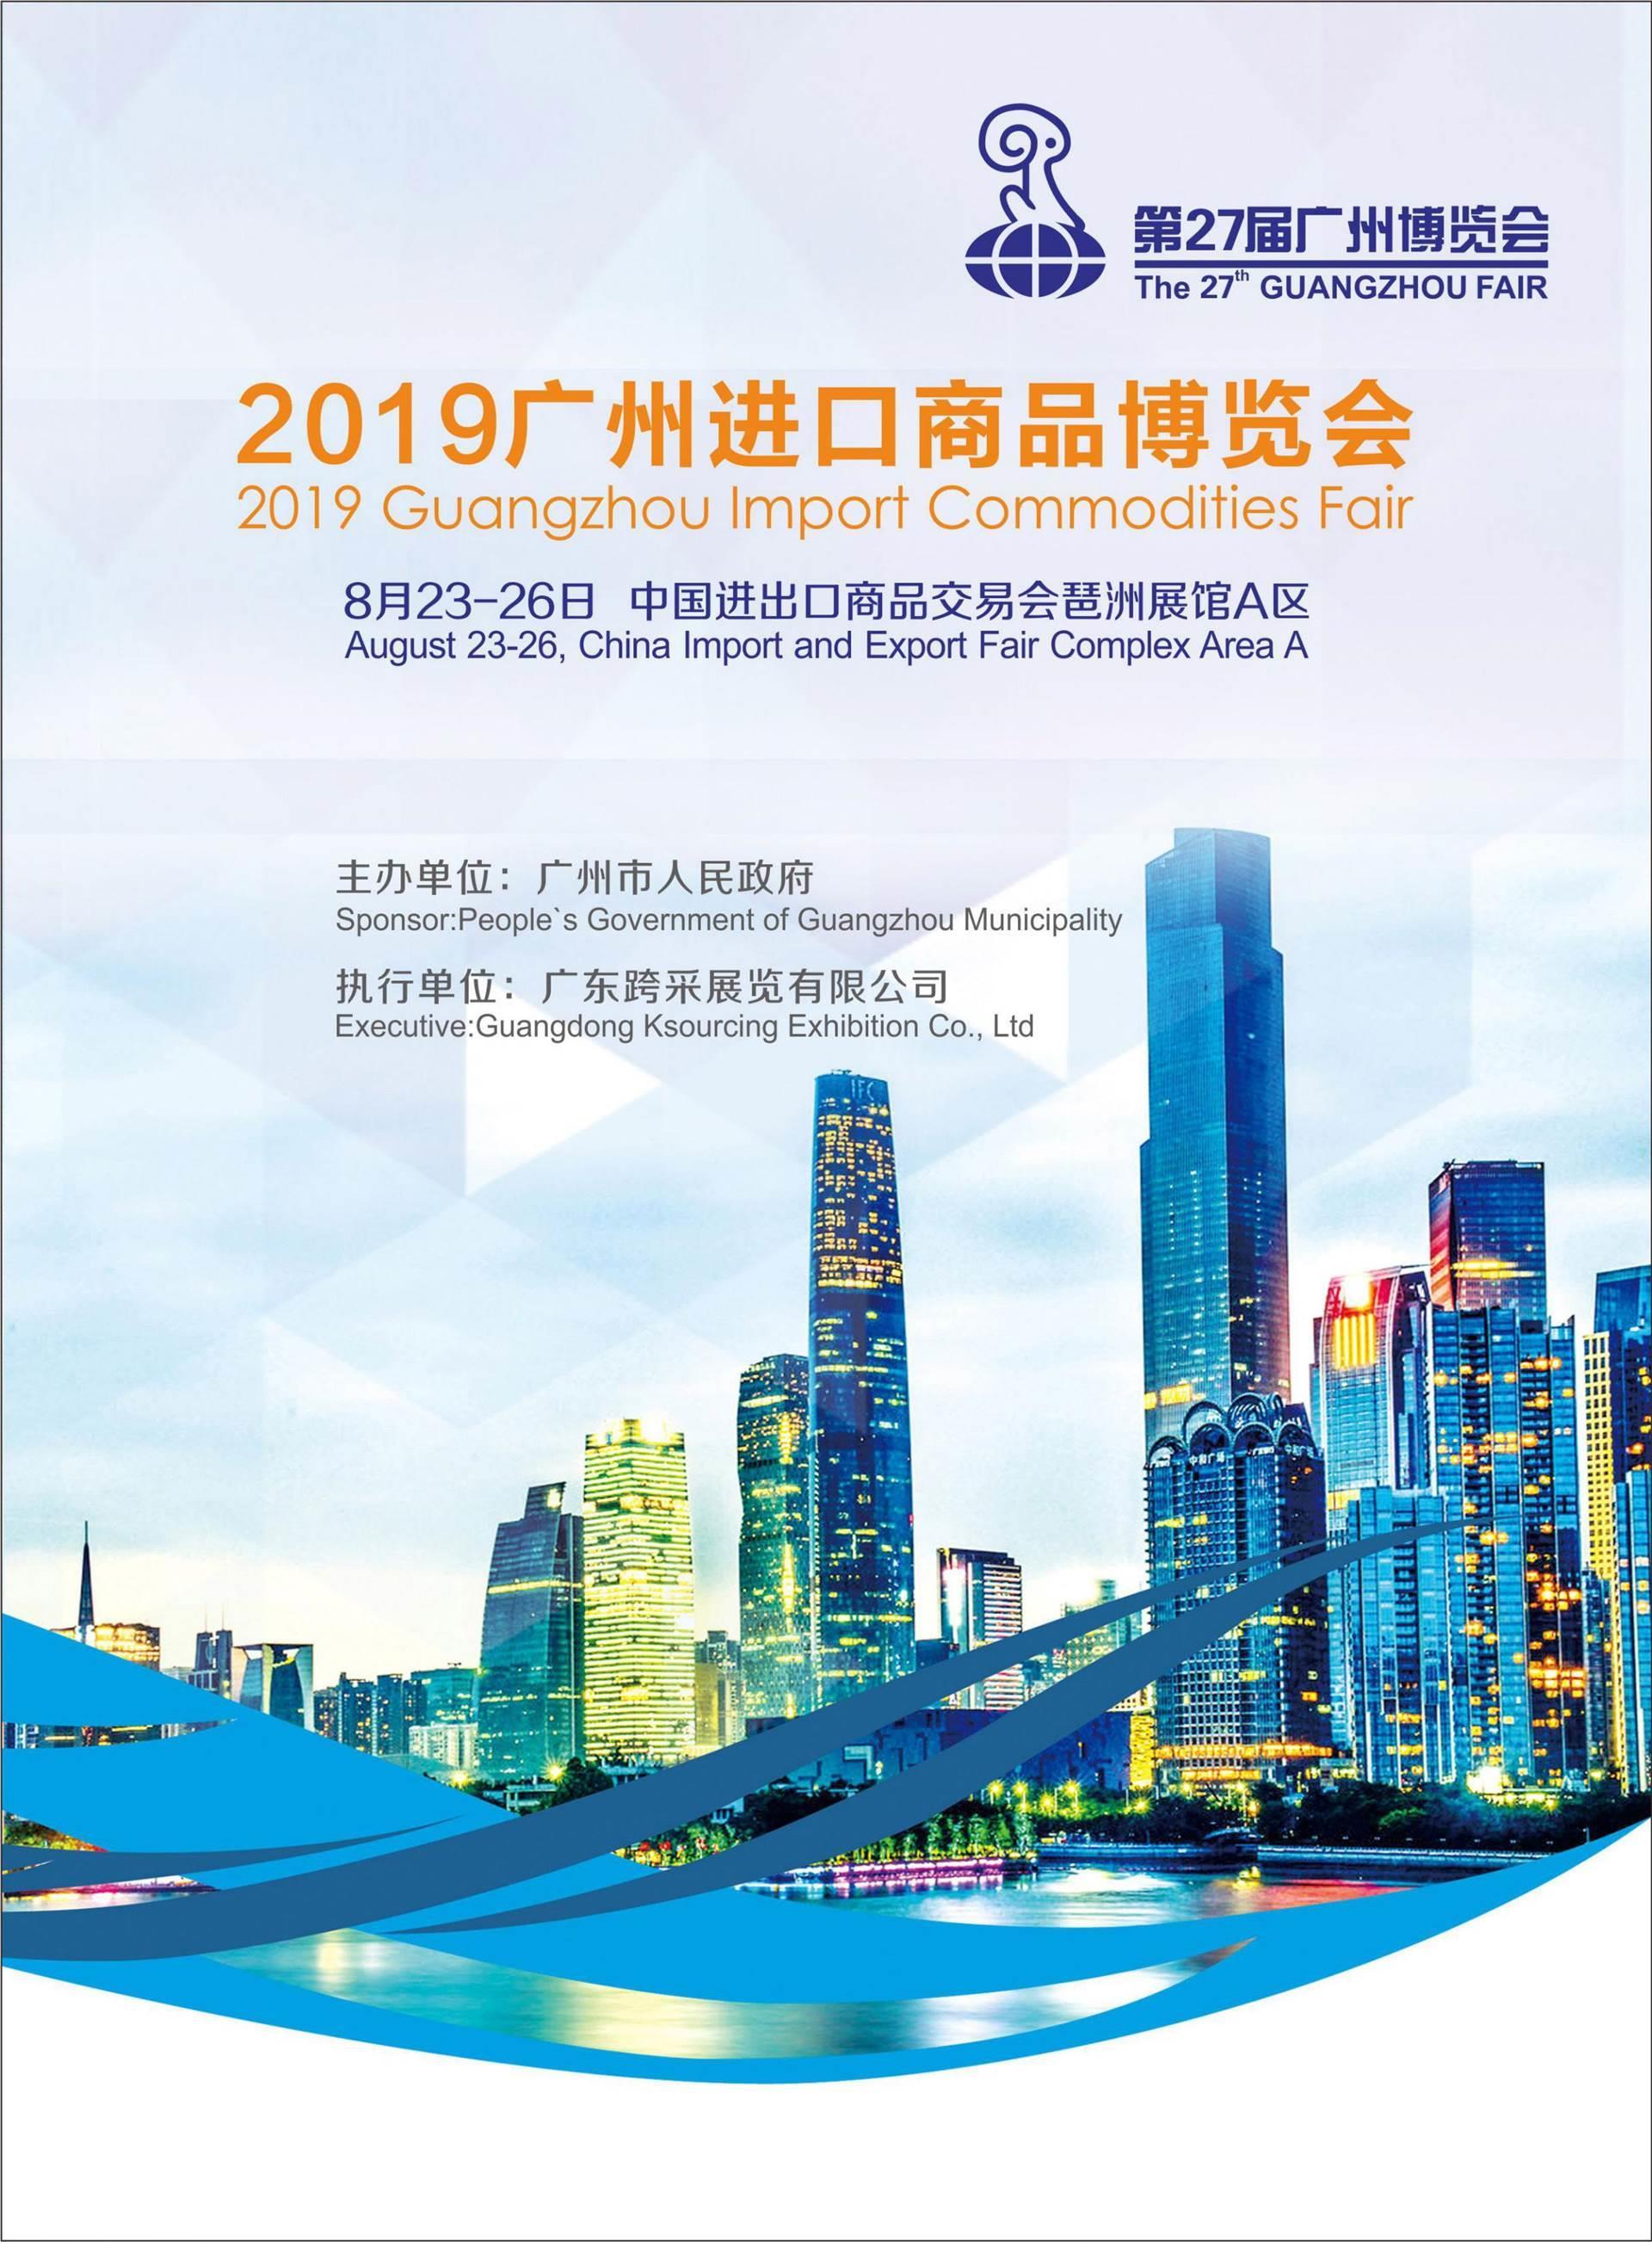 2019年进口博览会